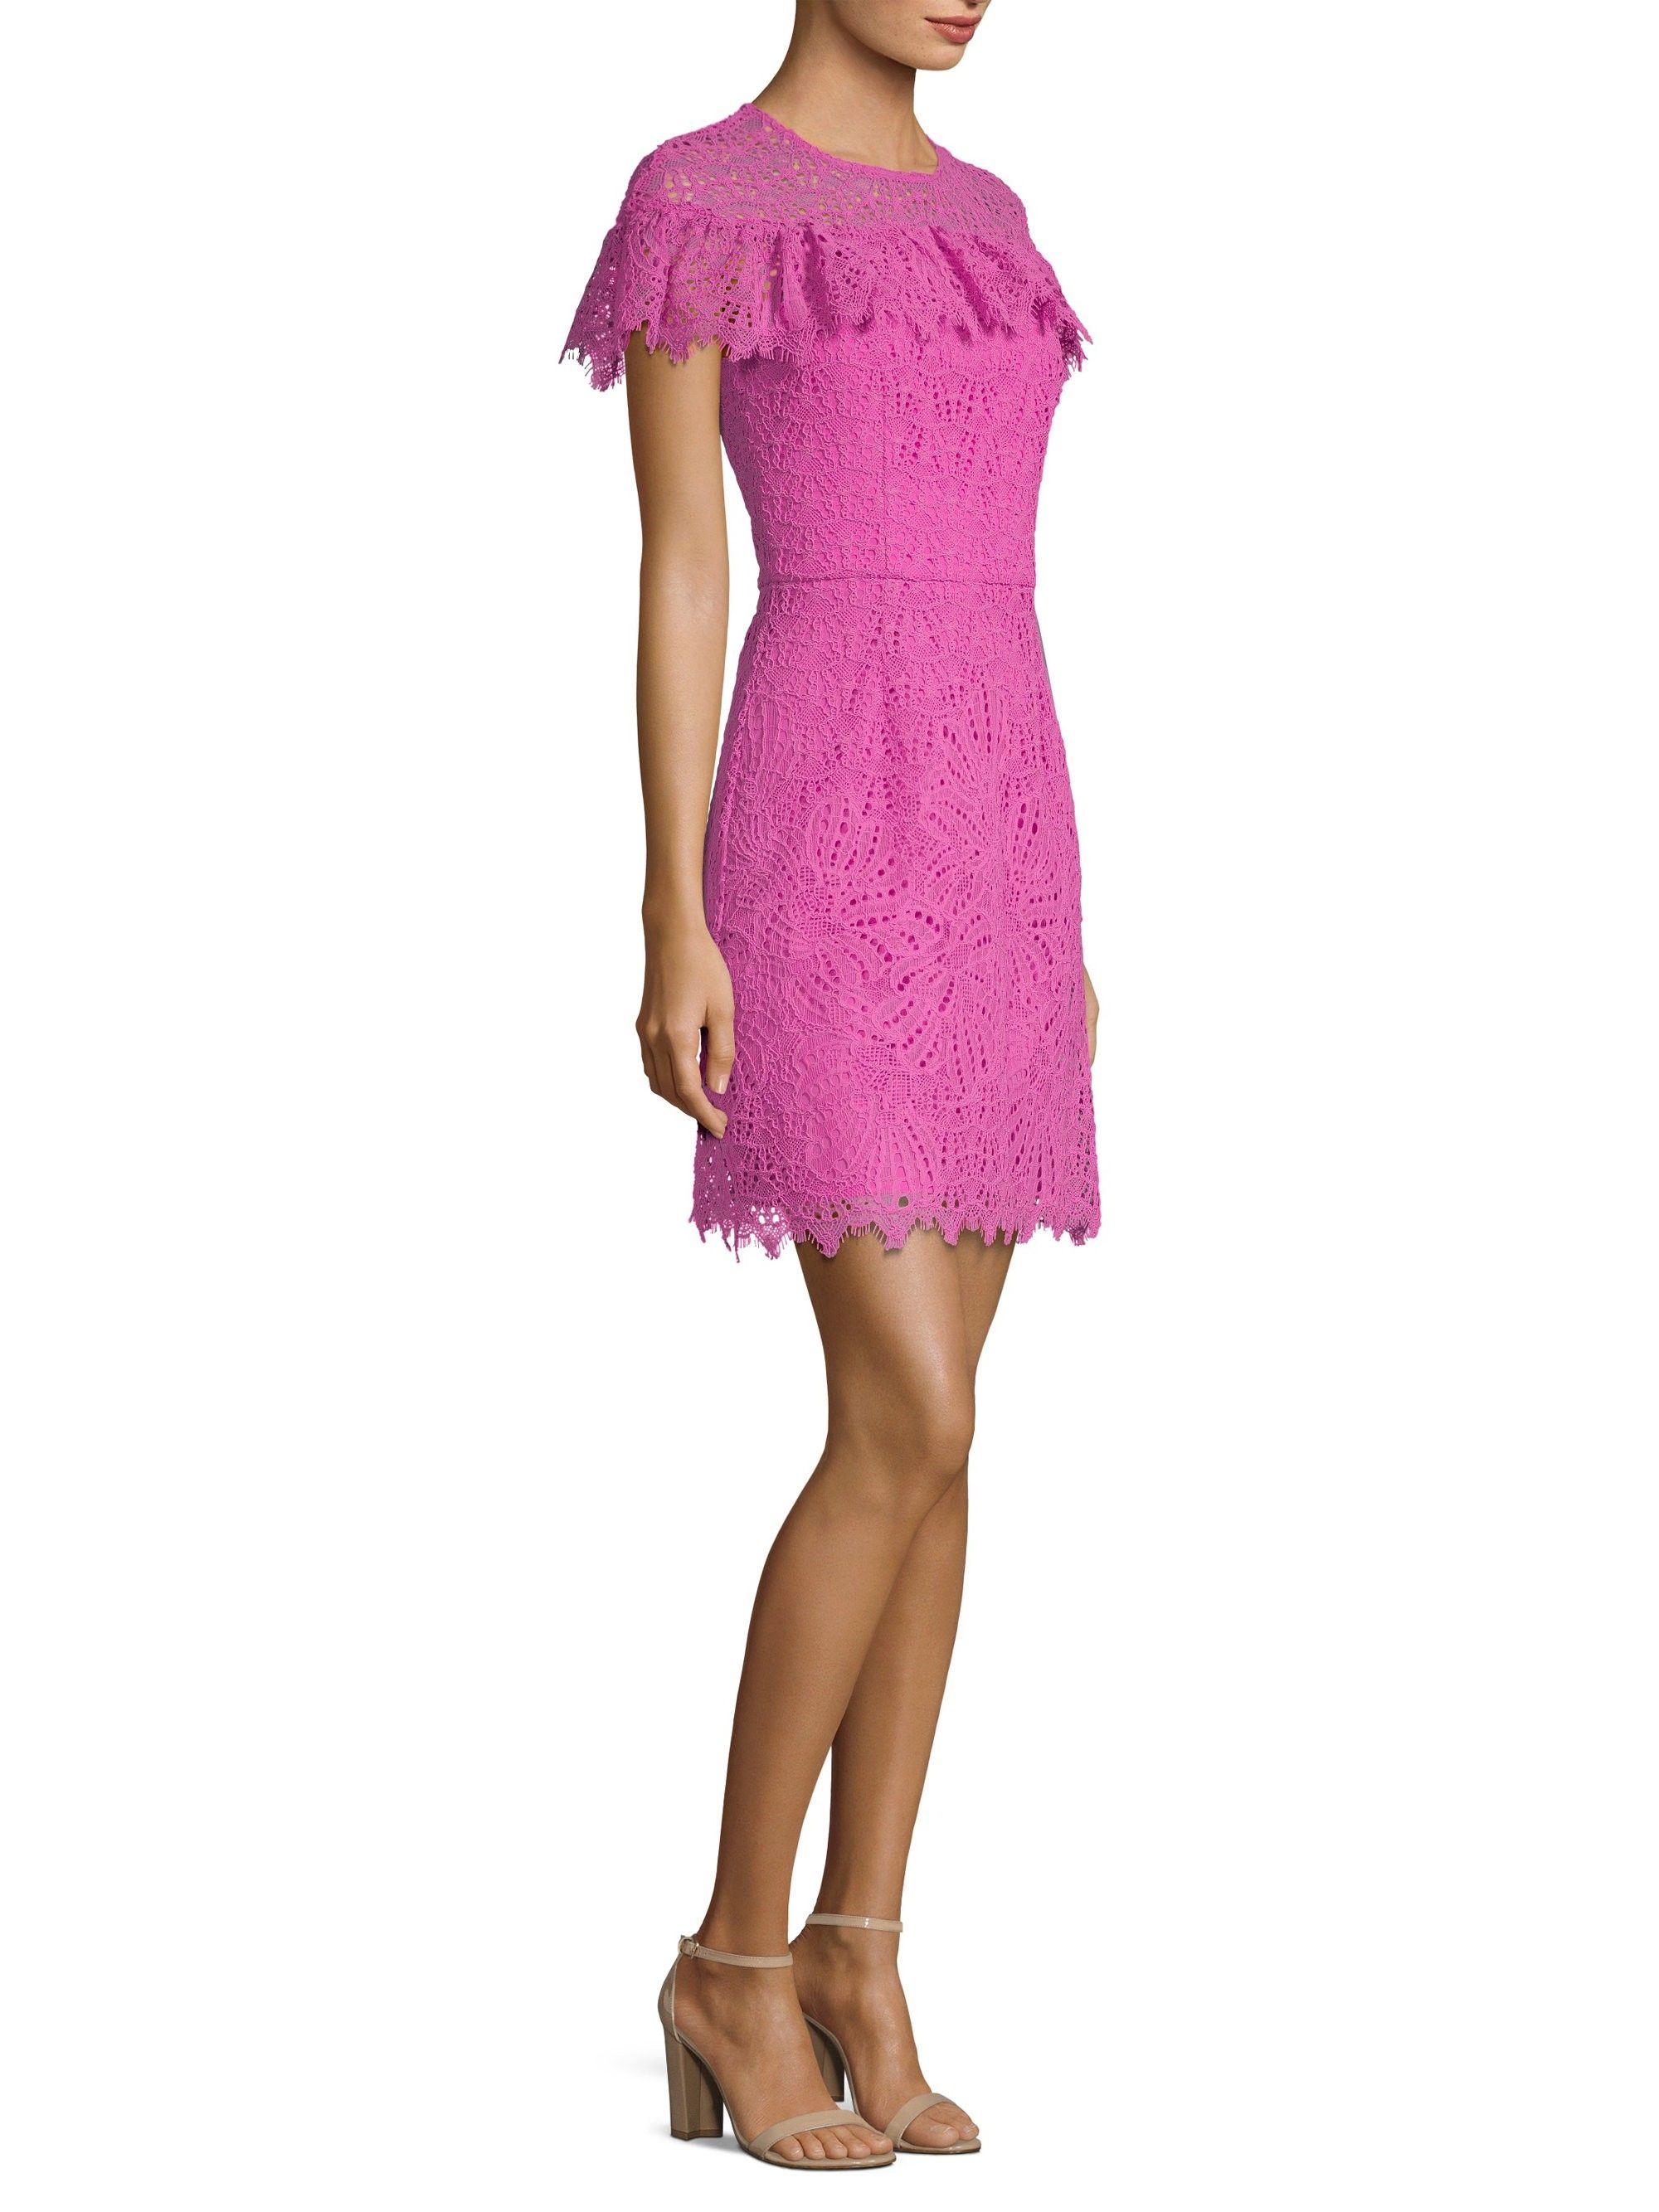 Trina Turk Copper Ruffle Dress Plum Rose 10